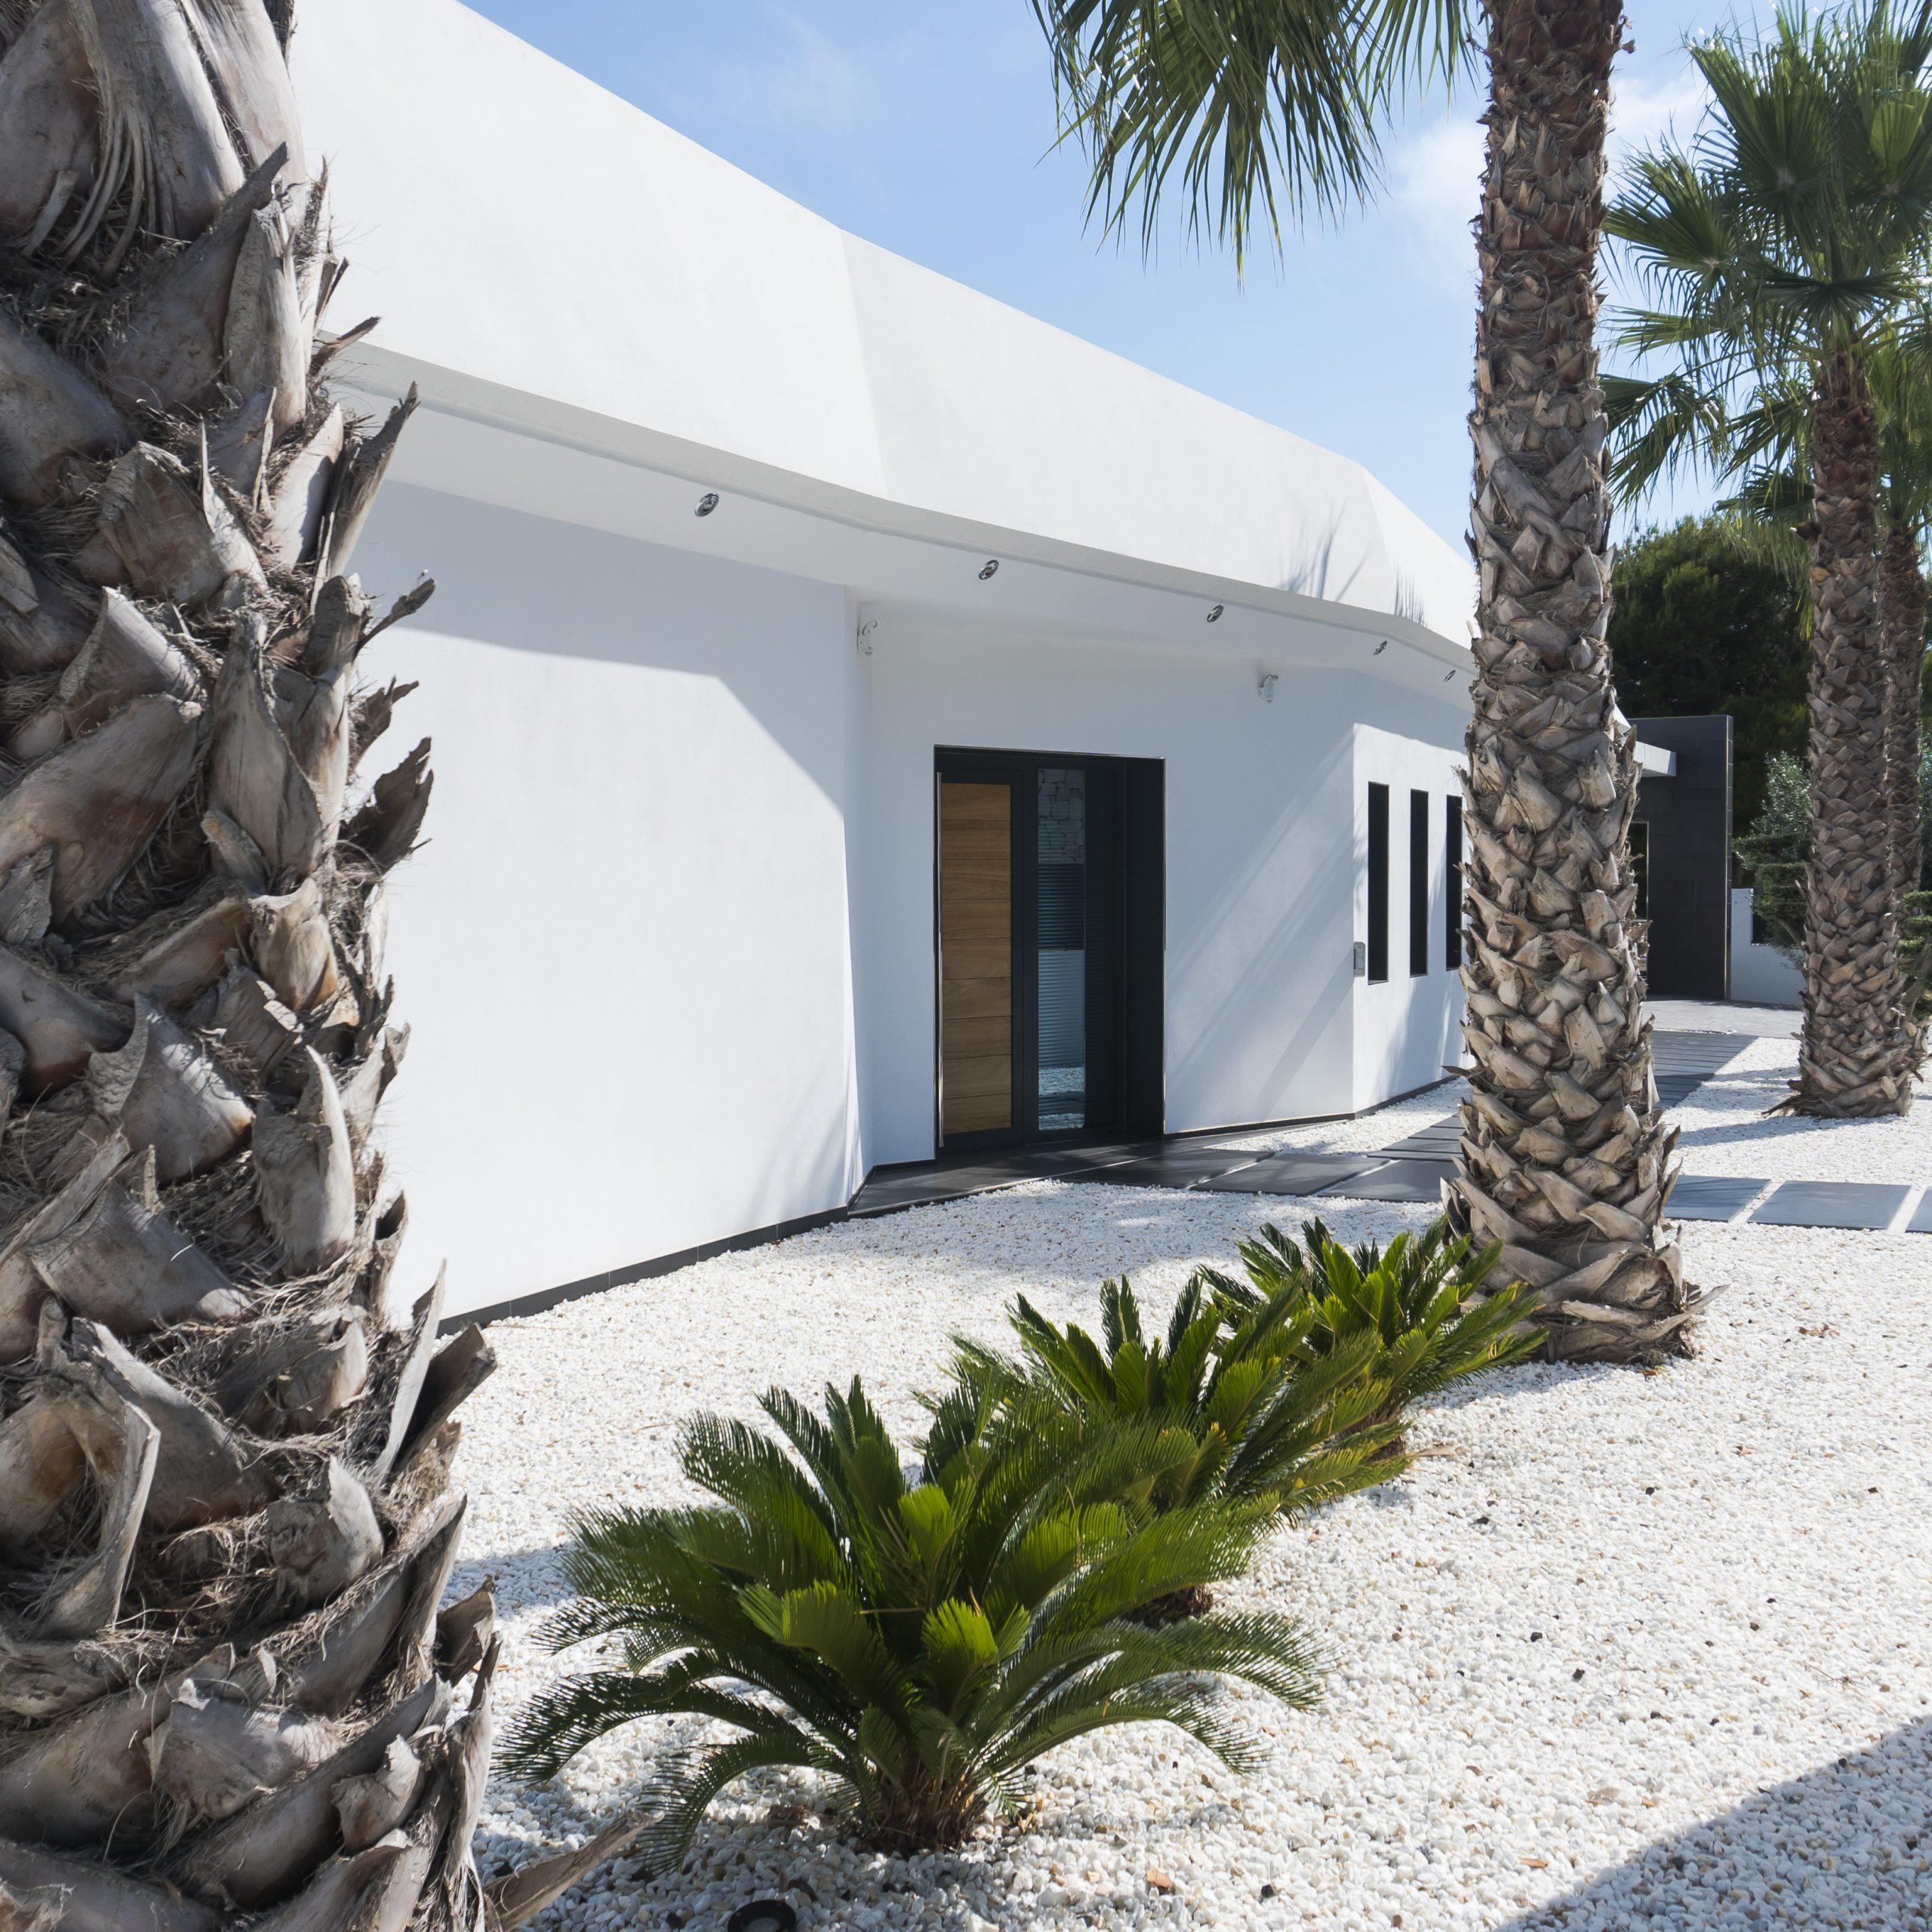 Arquifach, Estudio de Arquitectura Alicante. Especialistas en construcción y diseño de viviendas en Costa Blanca.